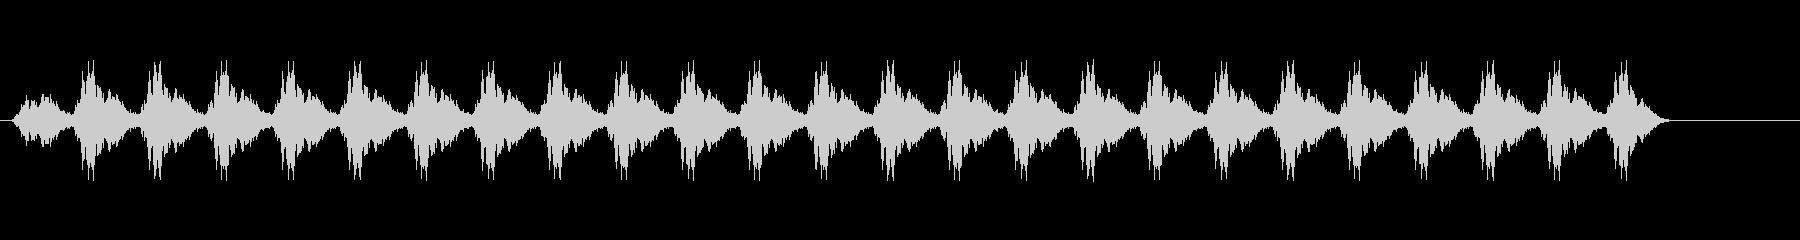 アンビエンス、高音の高音の未再生の波形